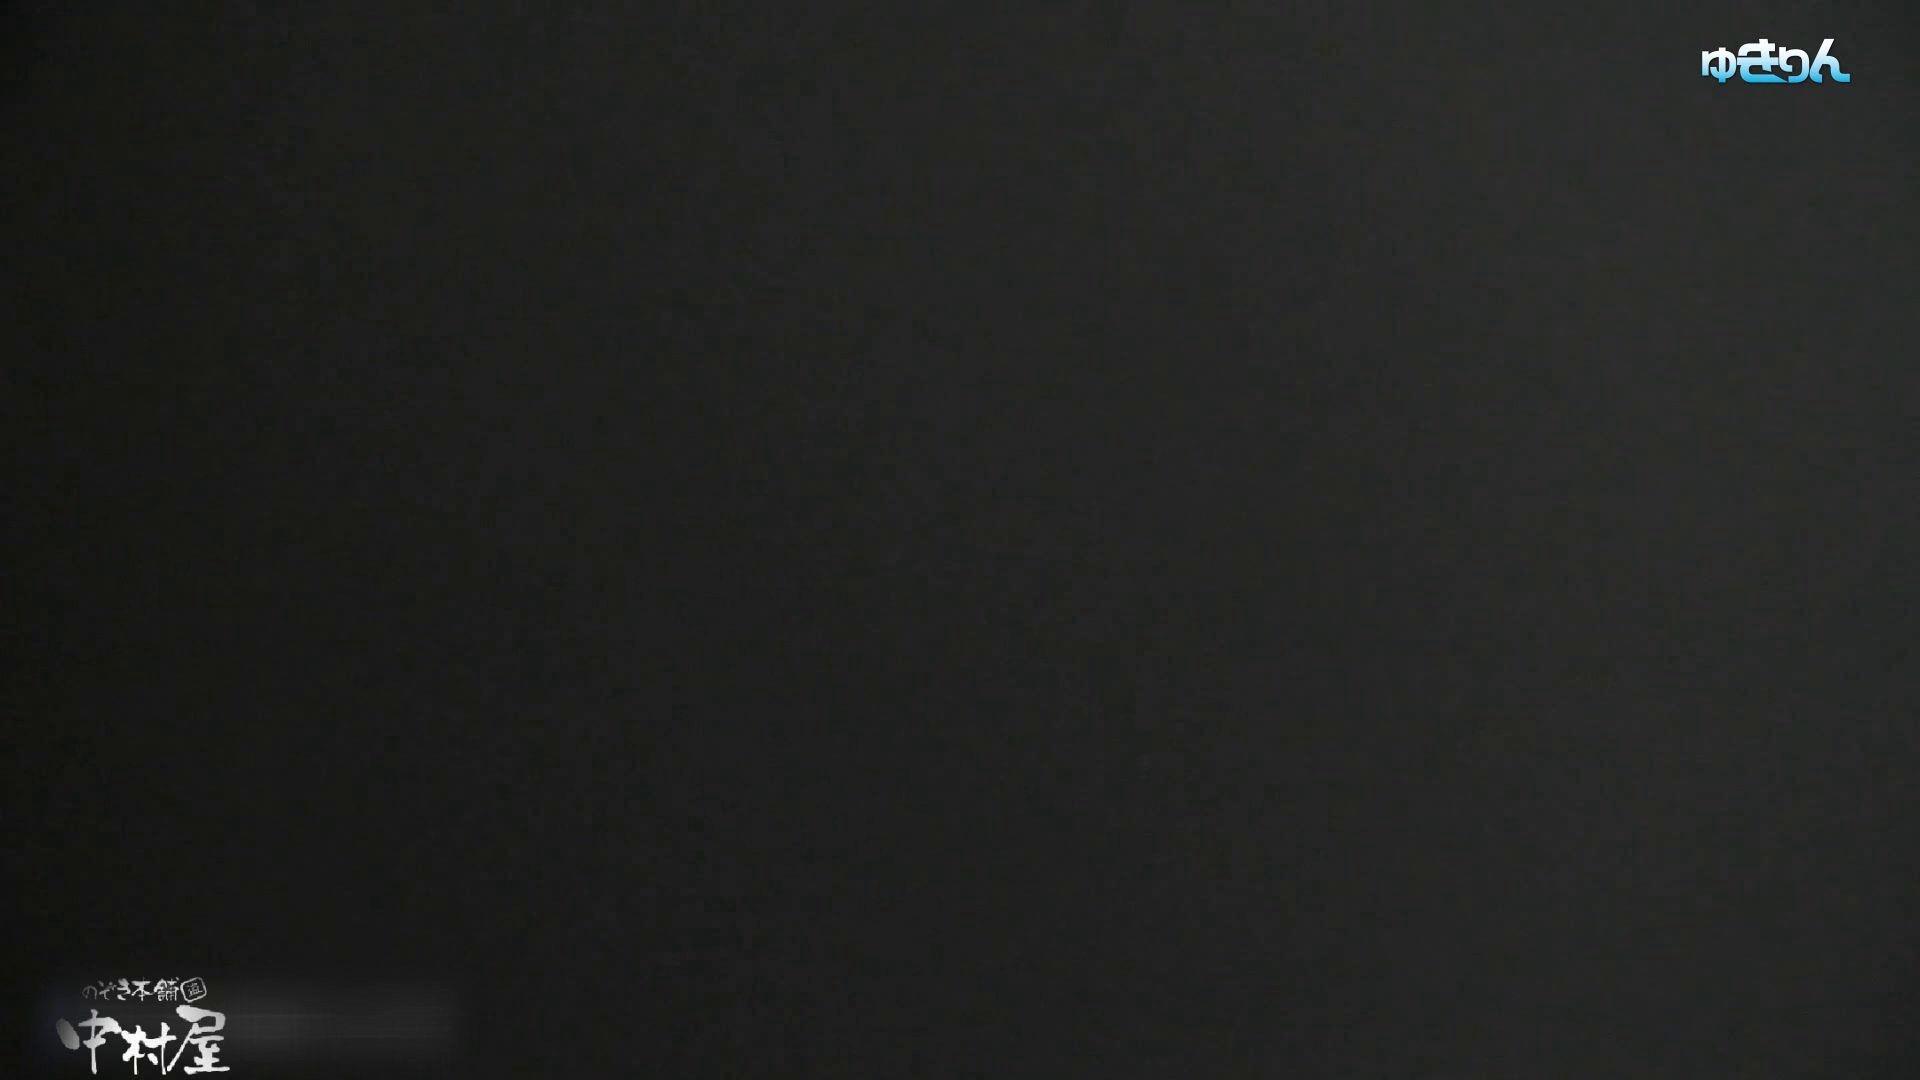 世界の射窓から~ステーション編 vol60 ユキリン粘着撮り!!今回はタイトなパンツが似合う美女 美女まとめ   0  113PIX 17